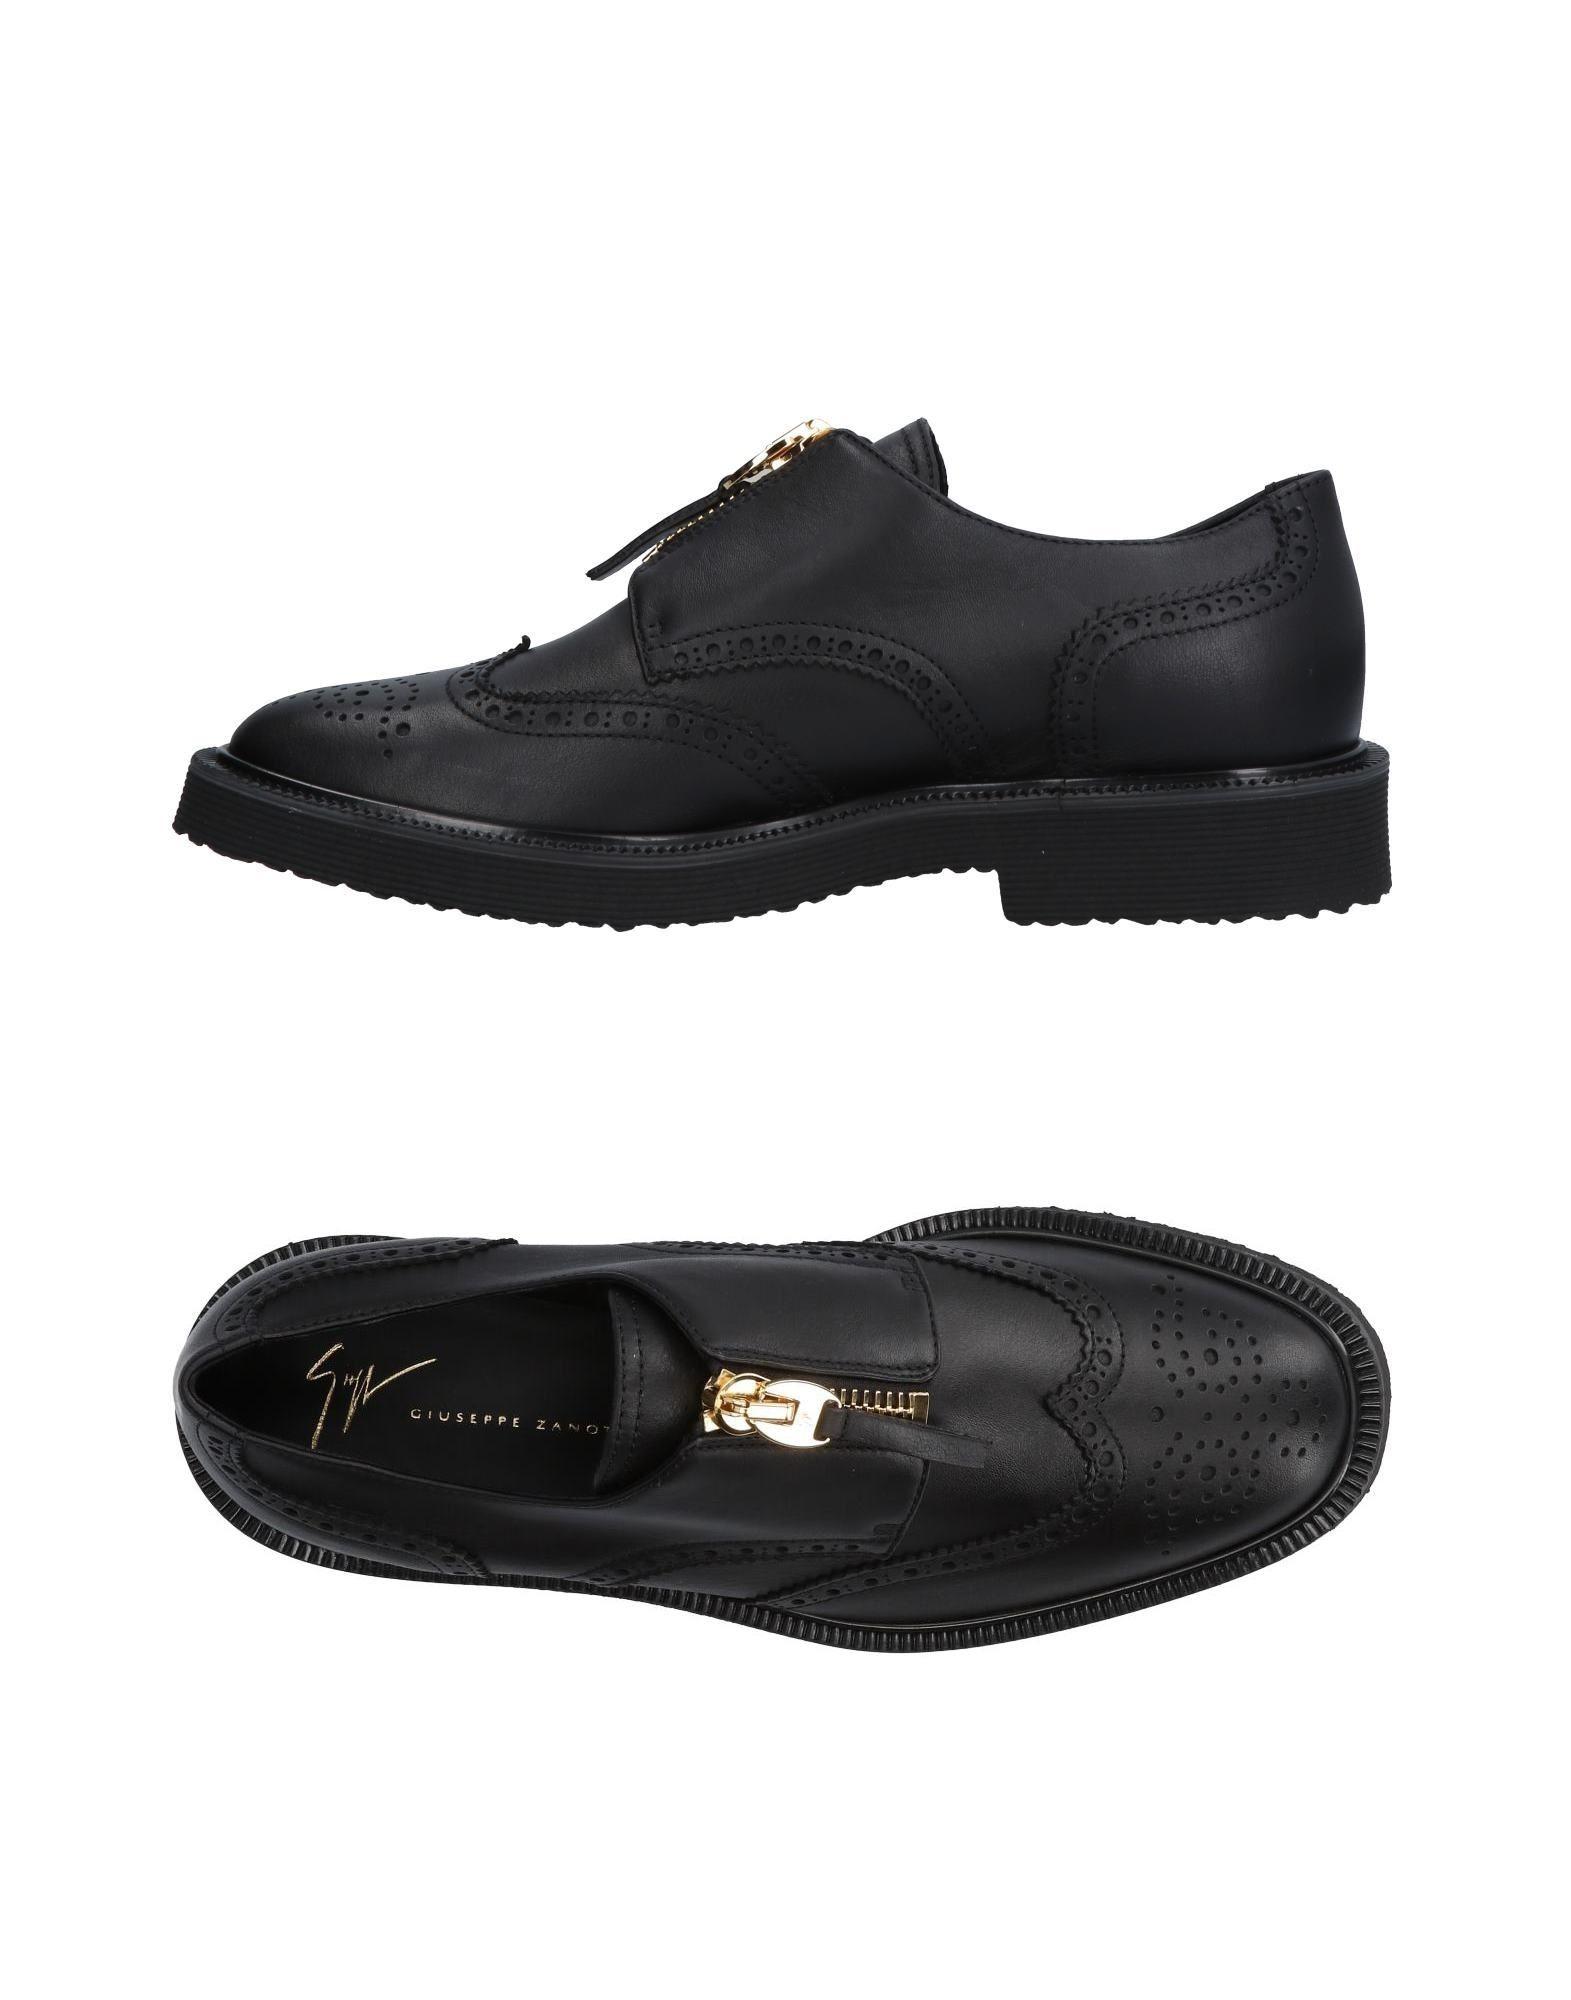 Giuseppe Zanotti Mokassins Herren  11446352PU Gute Qualität beliebte Schuhe